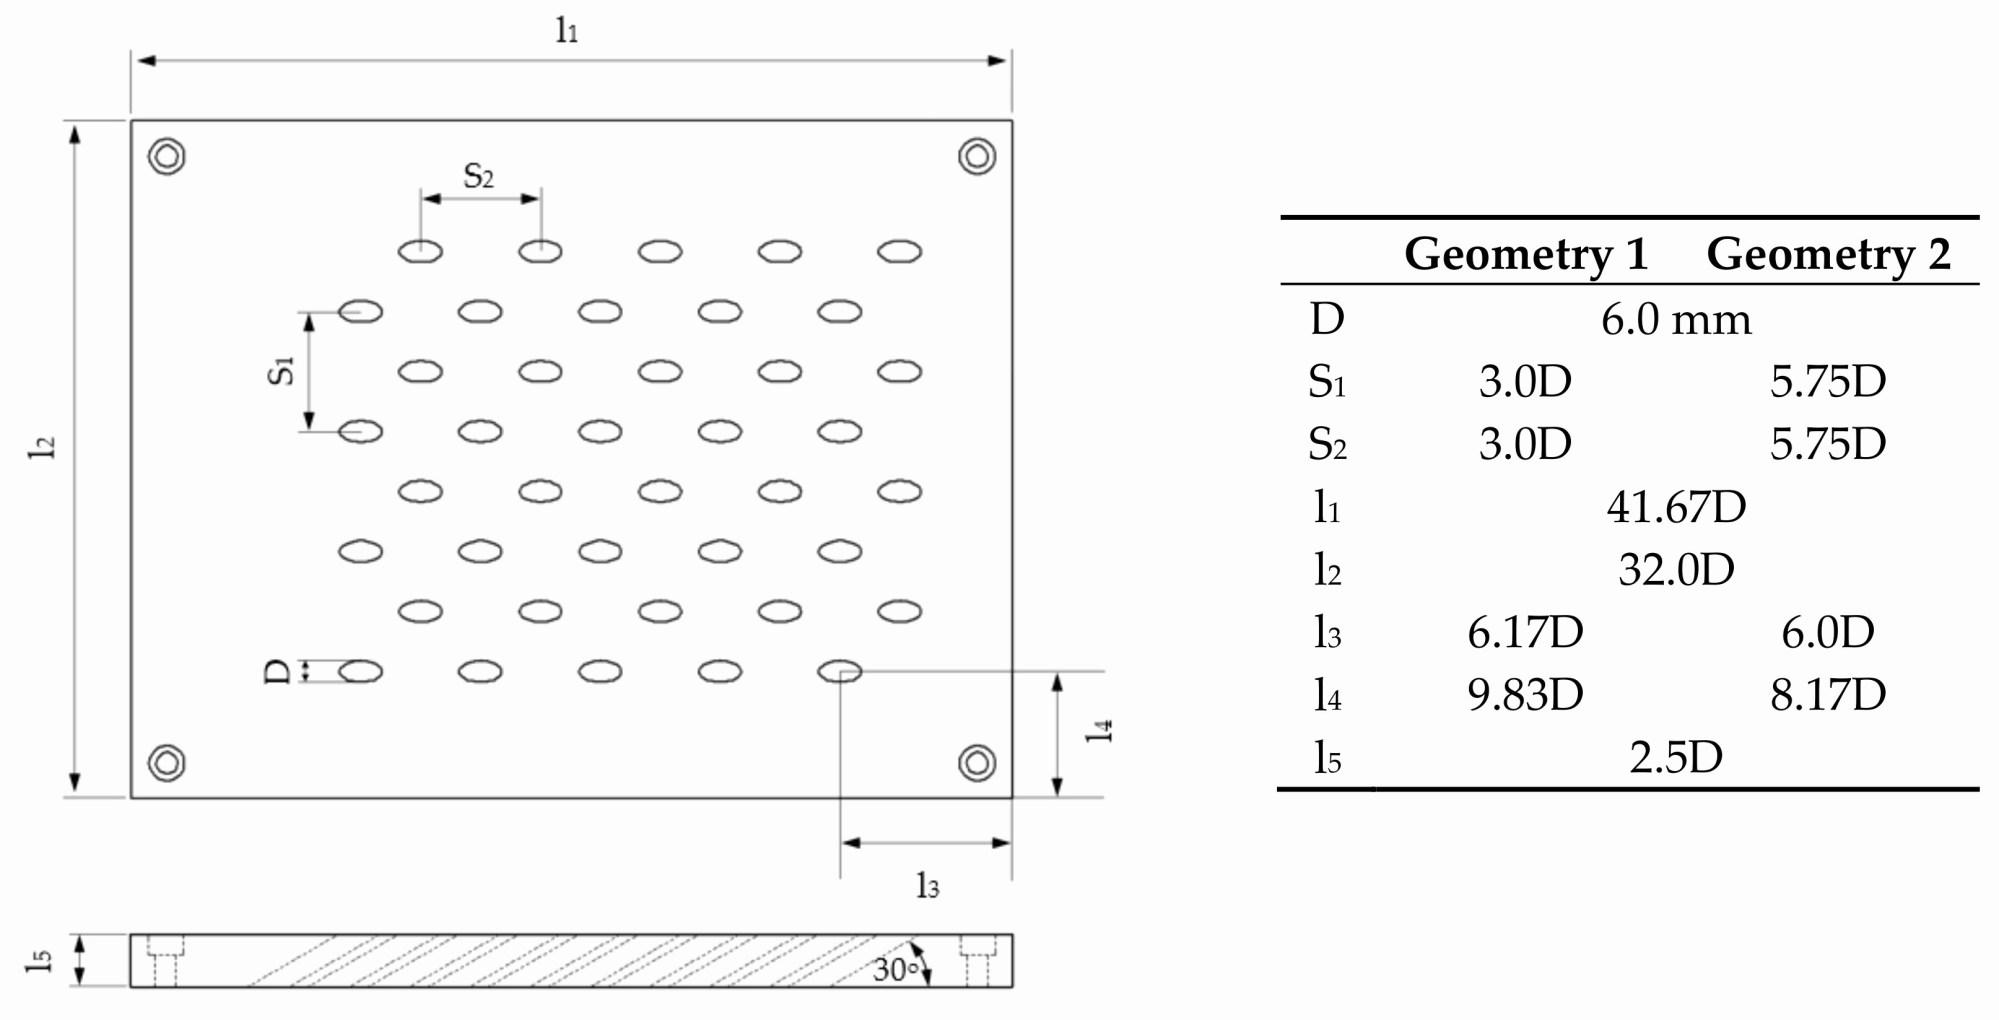 hight resolution of att uverse wiring diagram network wiring diagram example wiring diagram att uverse wiring diagram fresh